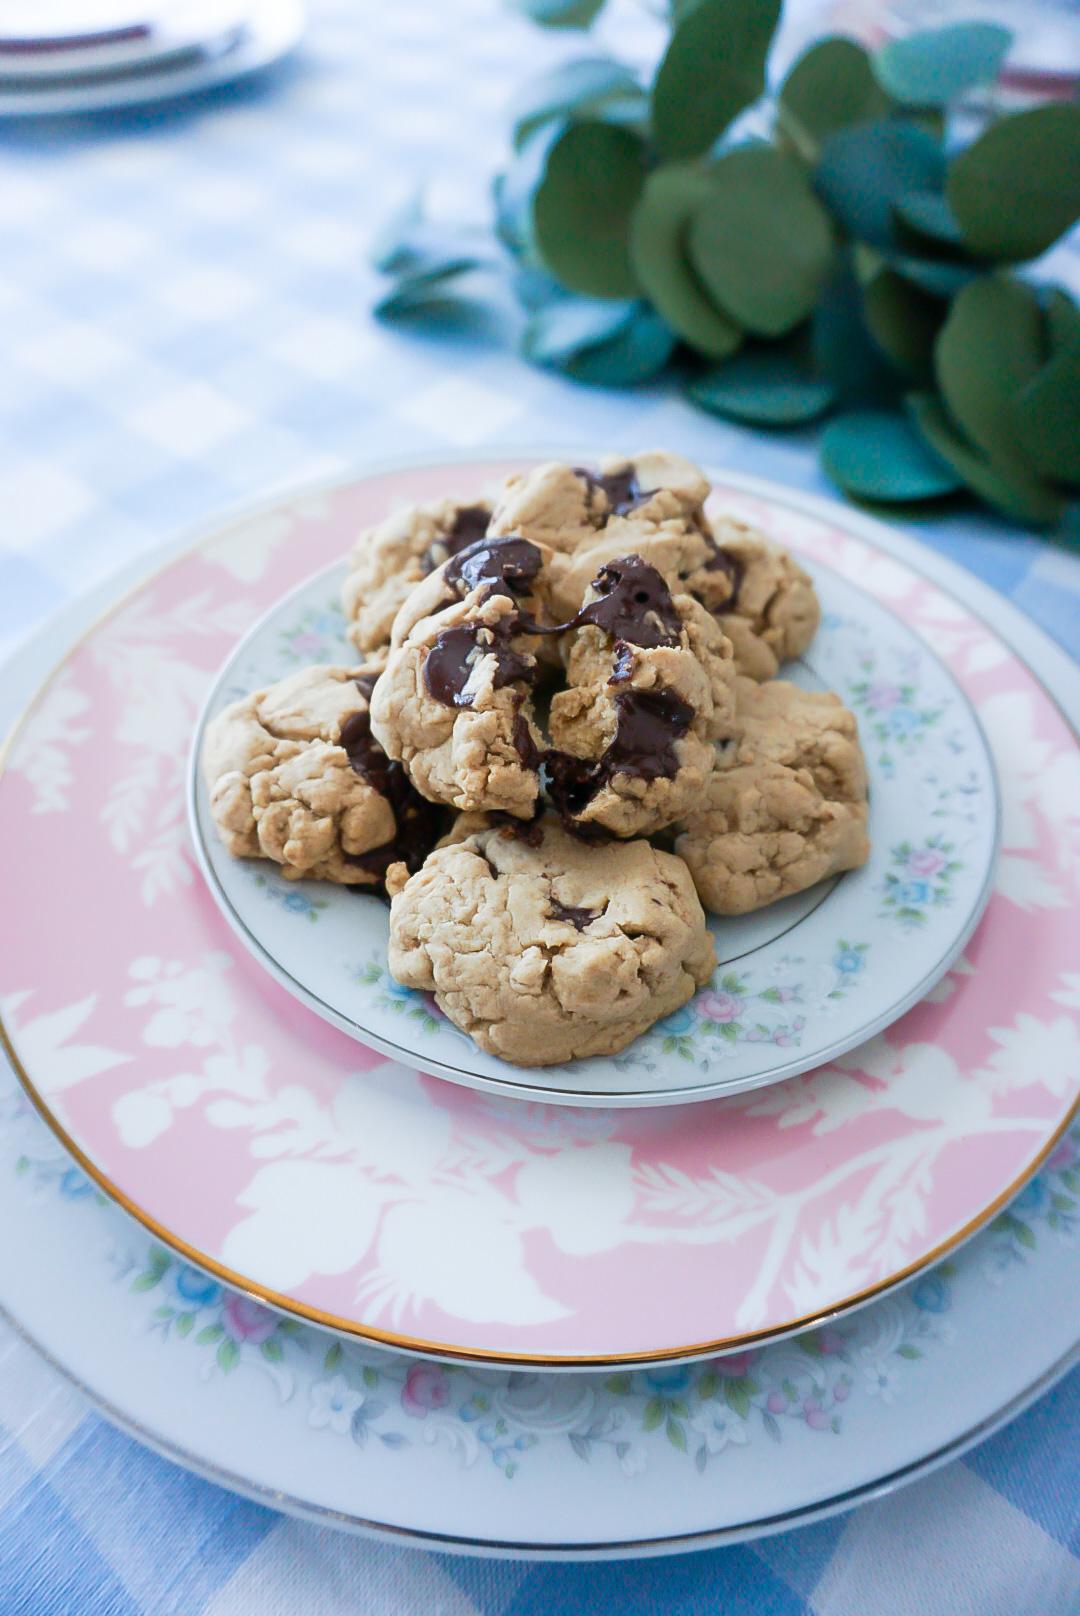 allergen-friendly cookies, allergen-friendly chocolate chip cookies, allergen-free cookies, allergen-free desserts, allergen-friendly desserts